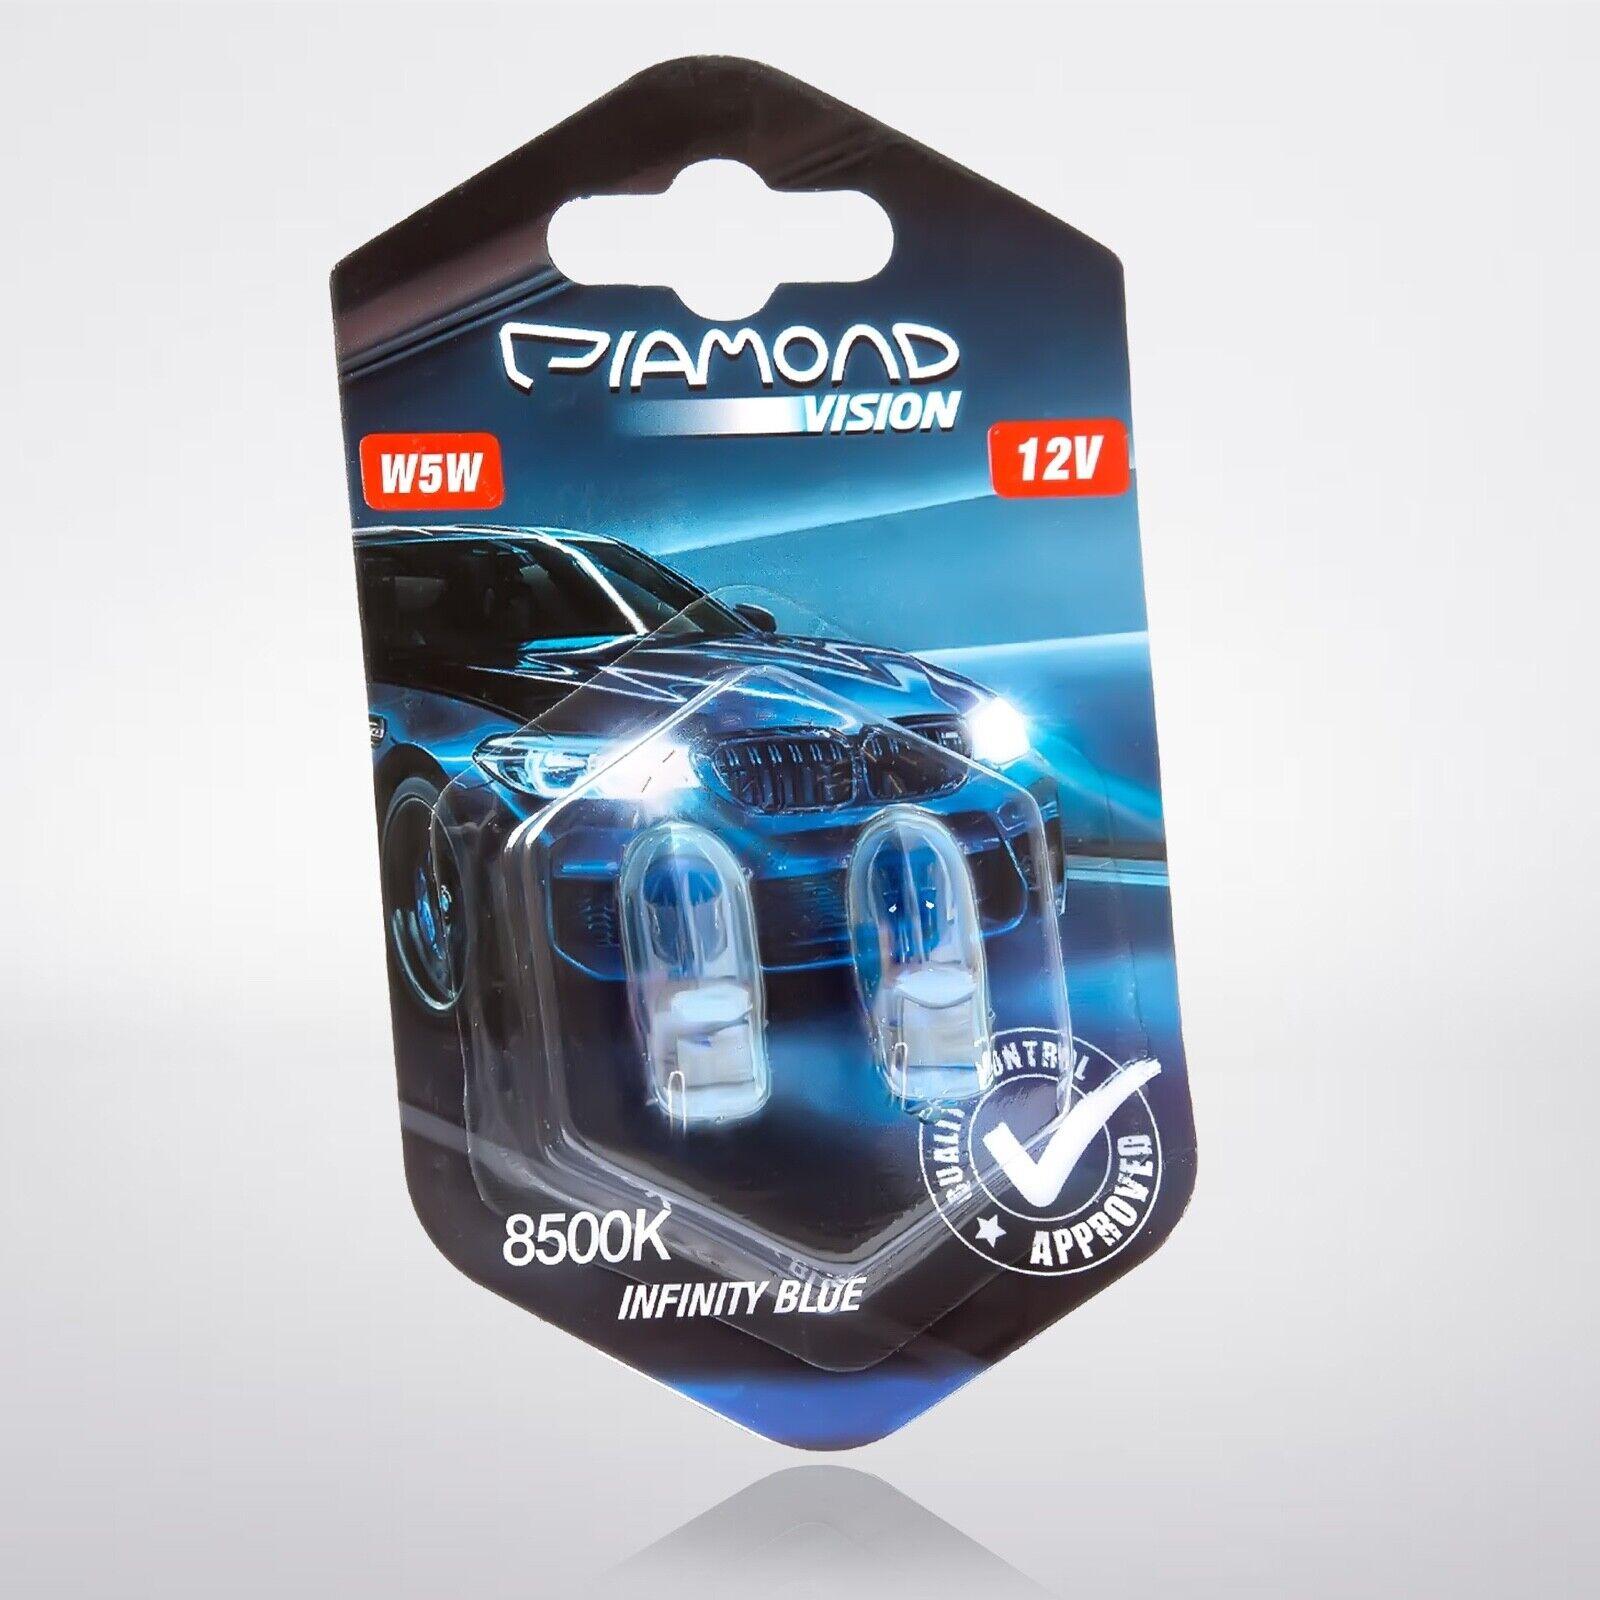 Diamond Vision W5W Xenon Look Optik Standlicht – WeißBlau (T10)